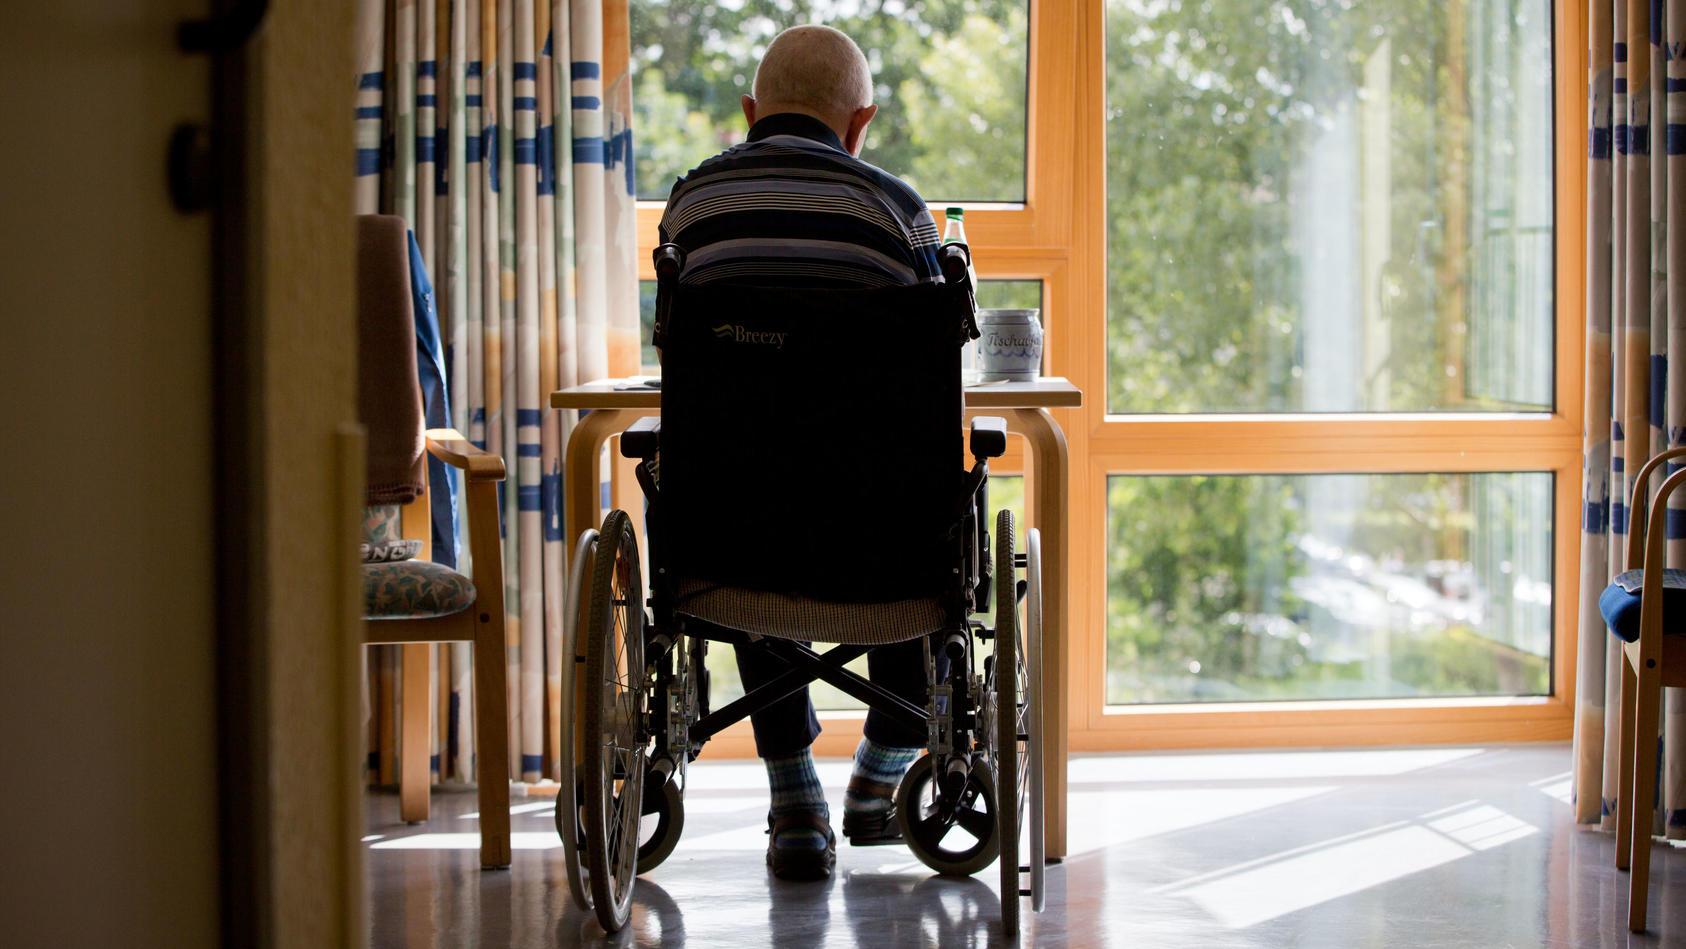 Ein Bewohner eines Pflegeheims sitzt am Fenster.